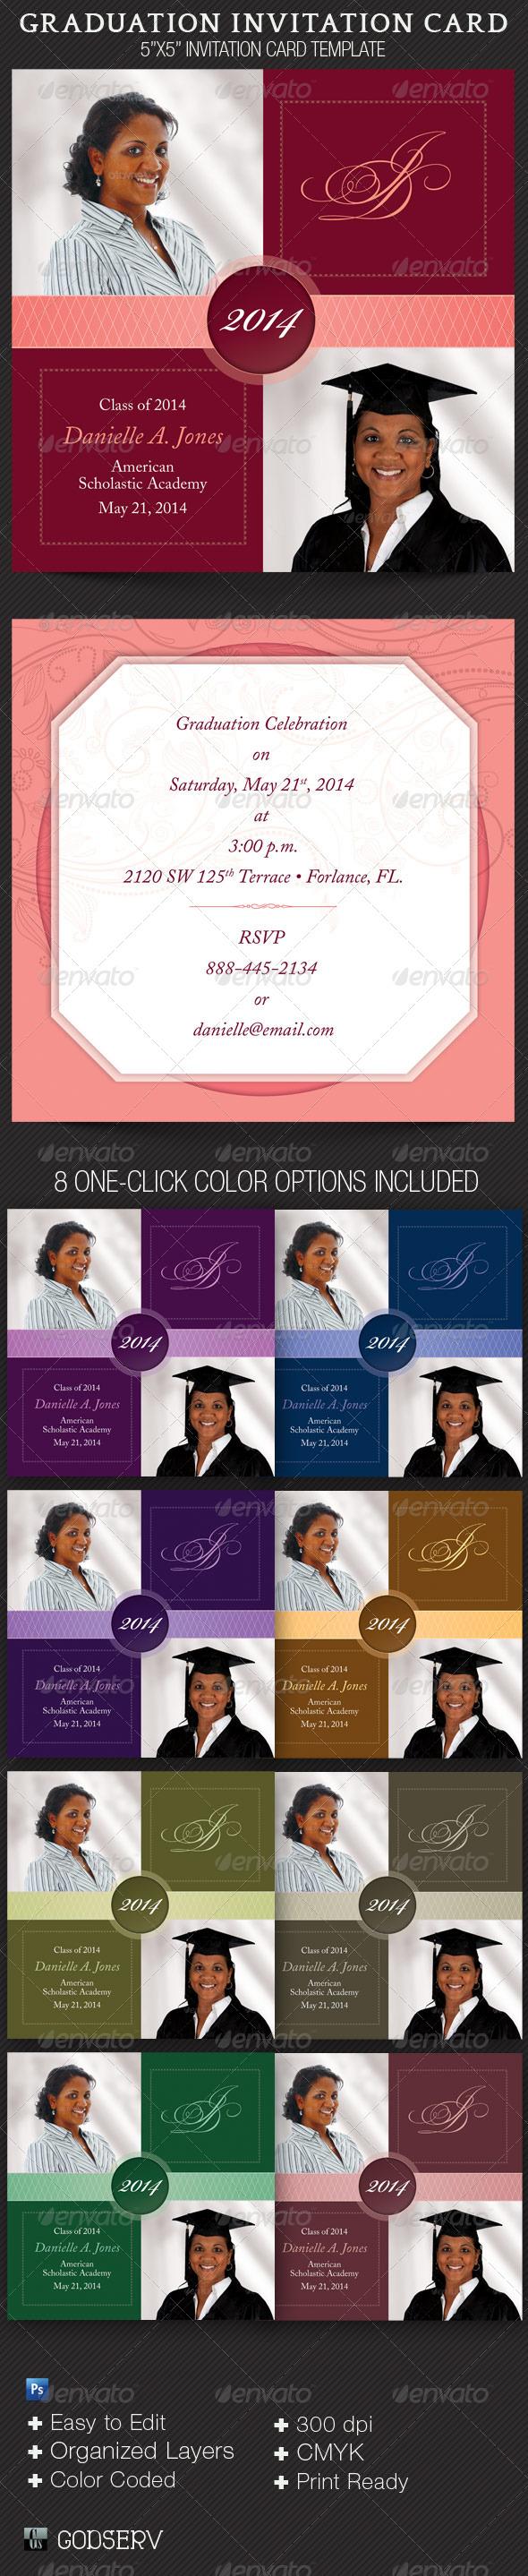 GraphicRiver Graduation Invitation Card Template 4818751